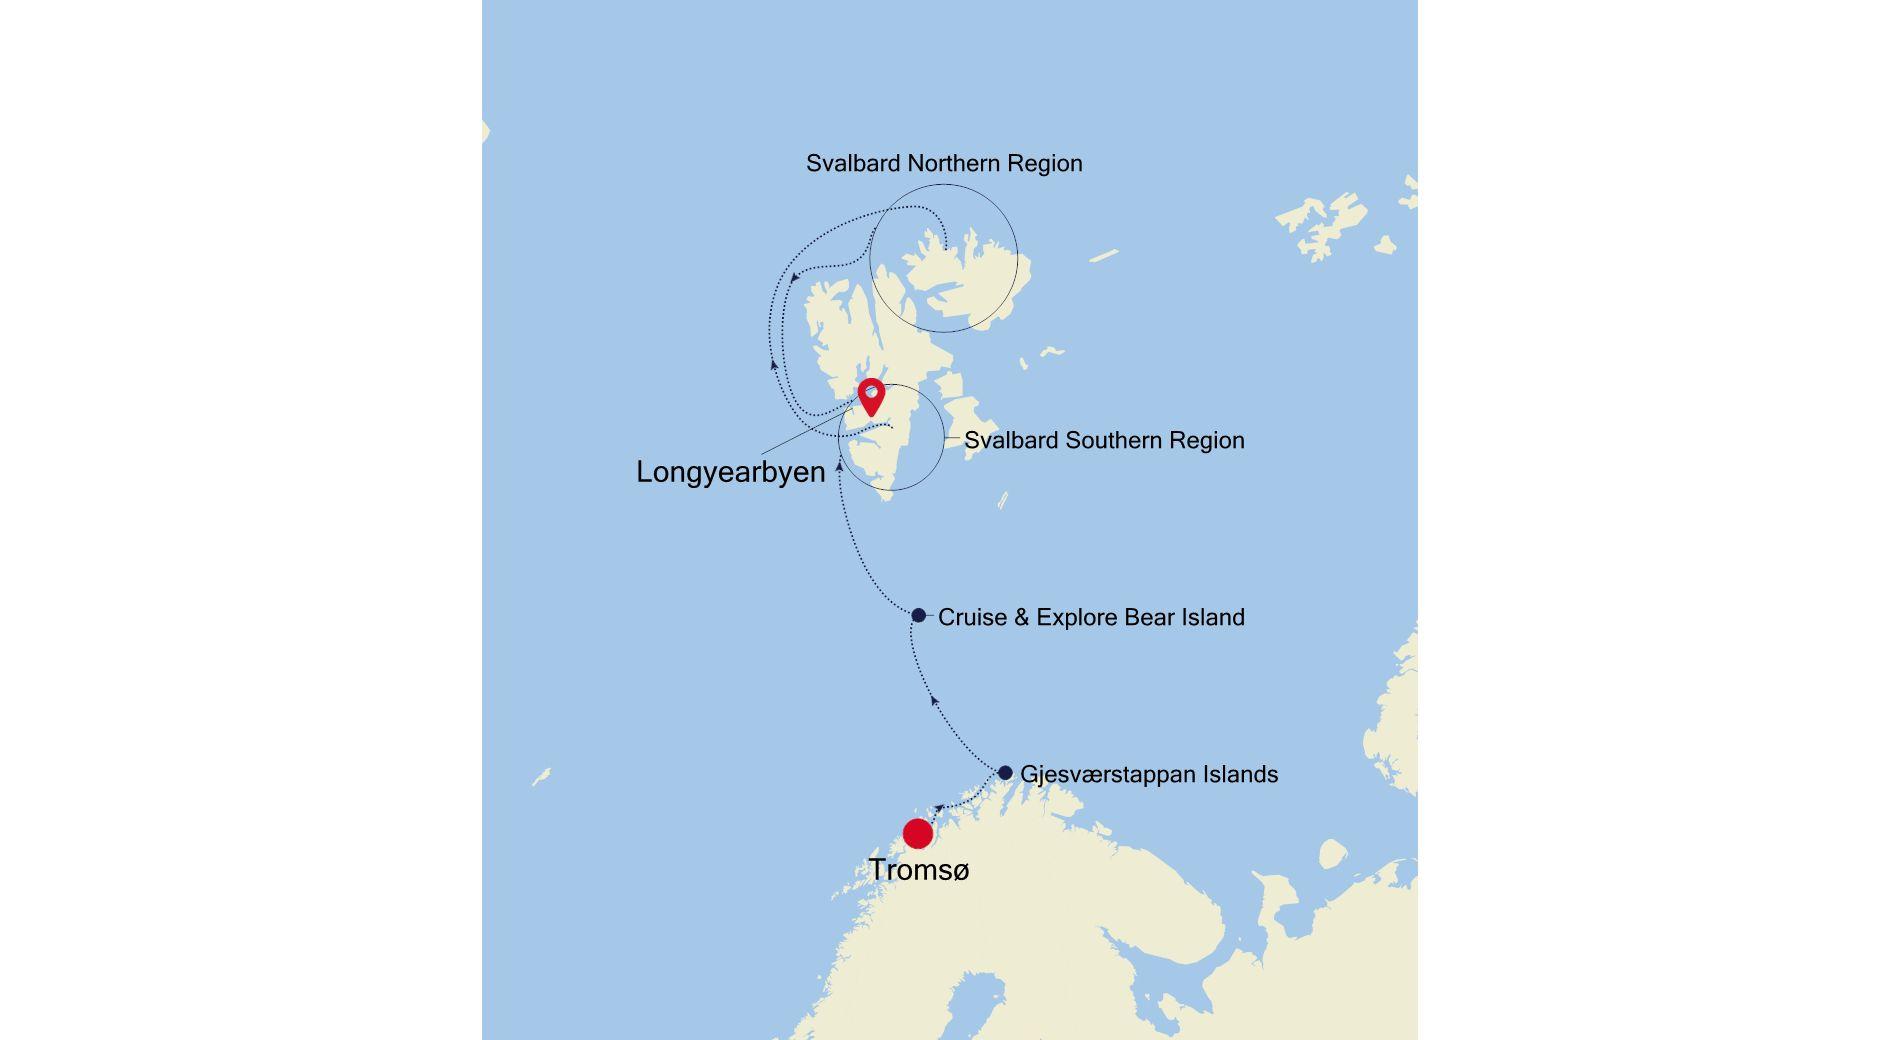 WI210720010 - Tromsø à Longyearbyen